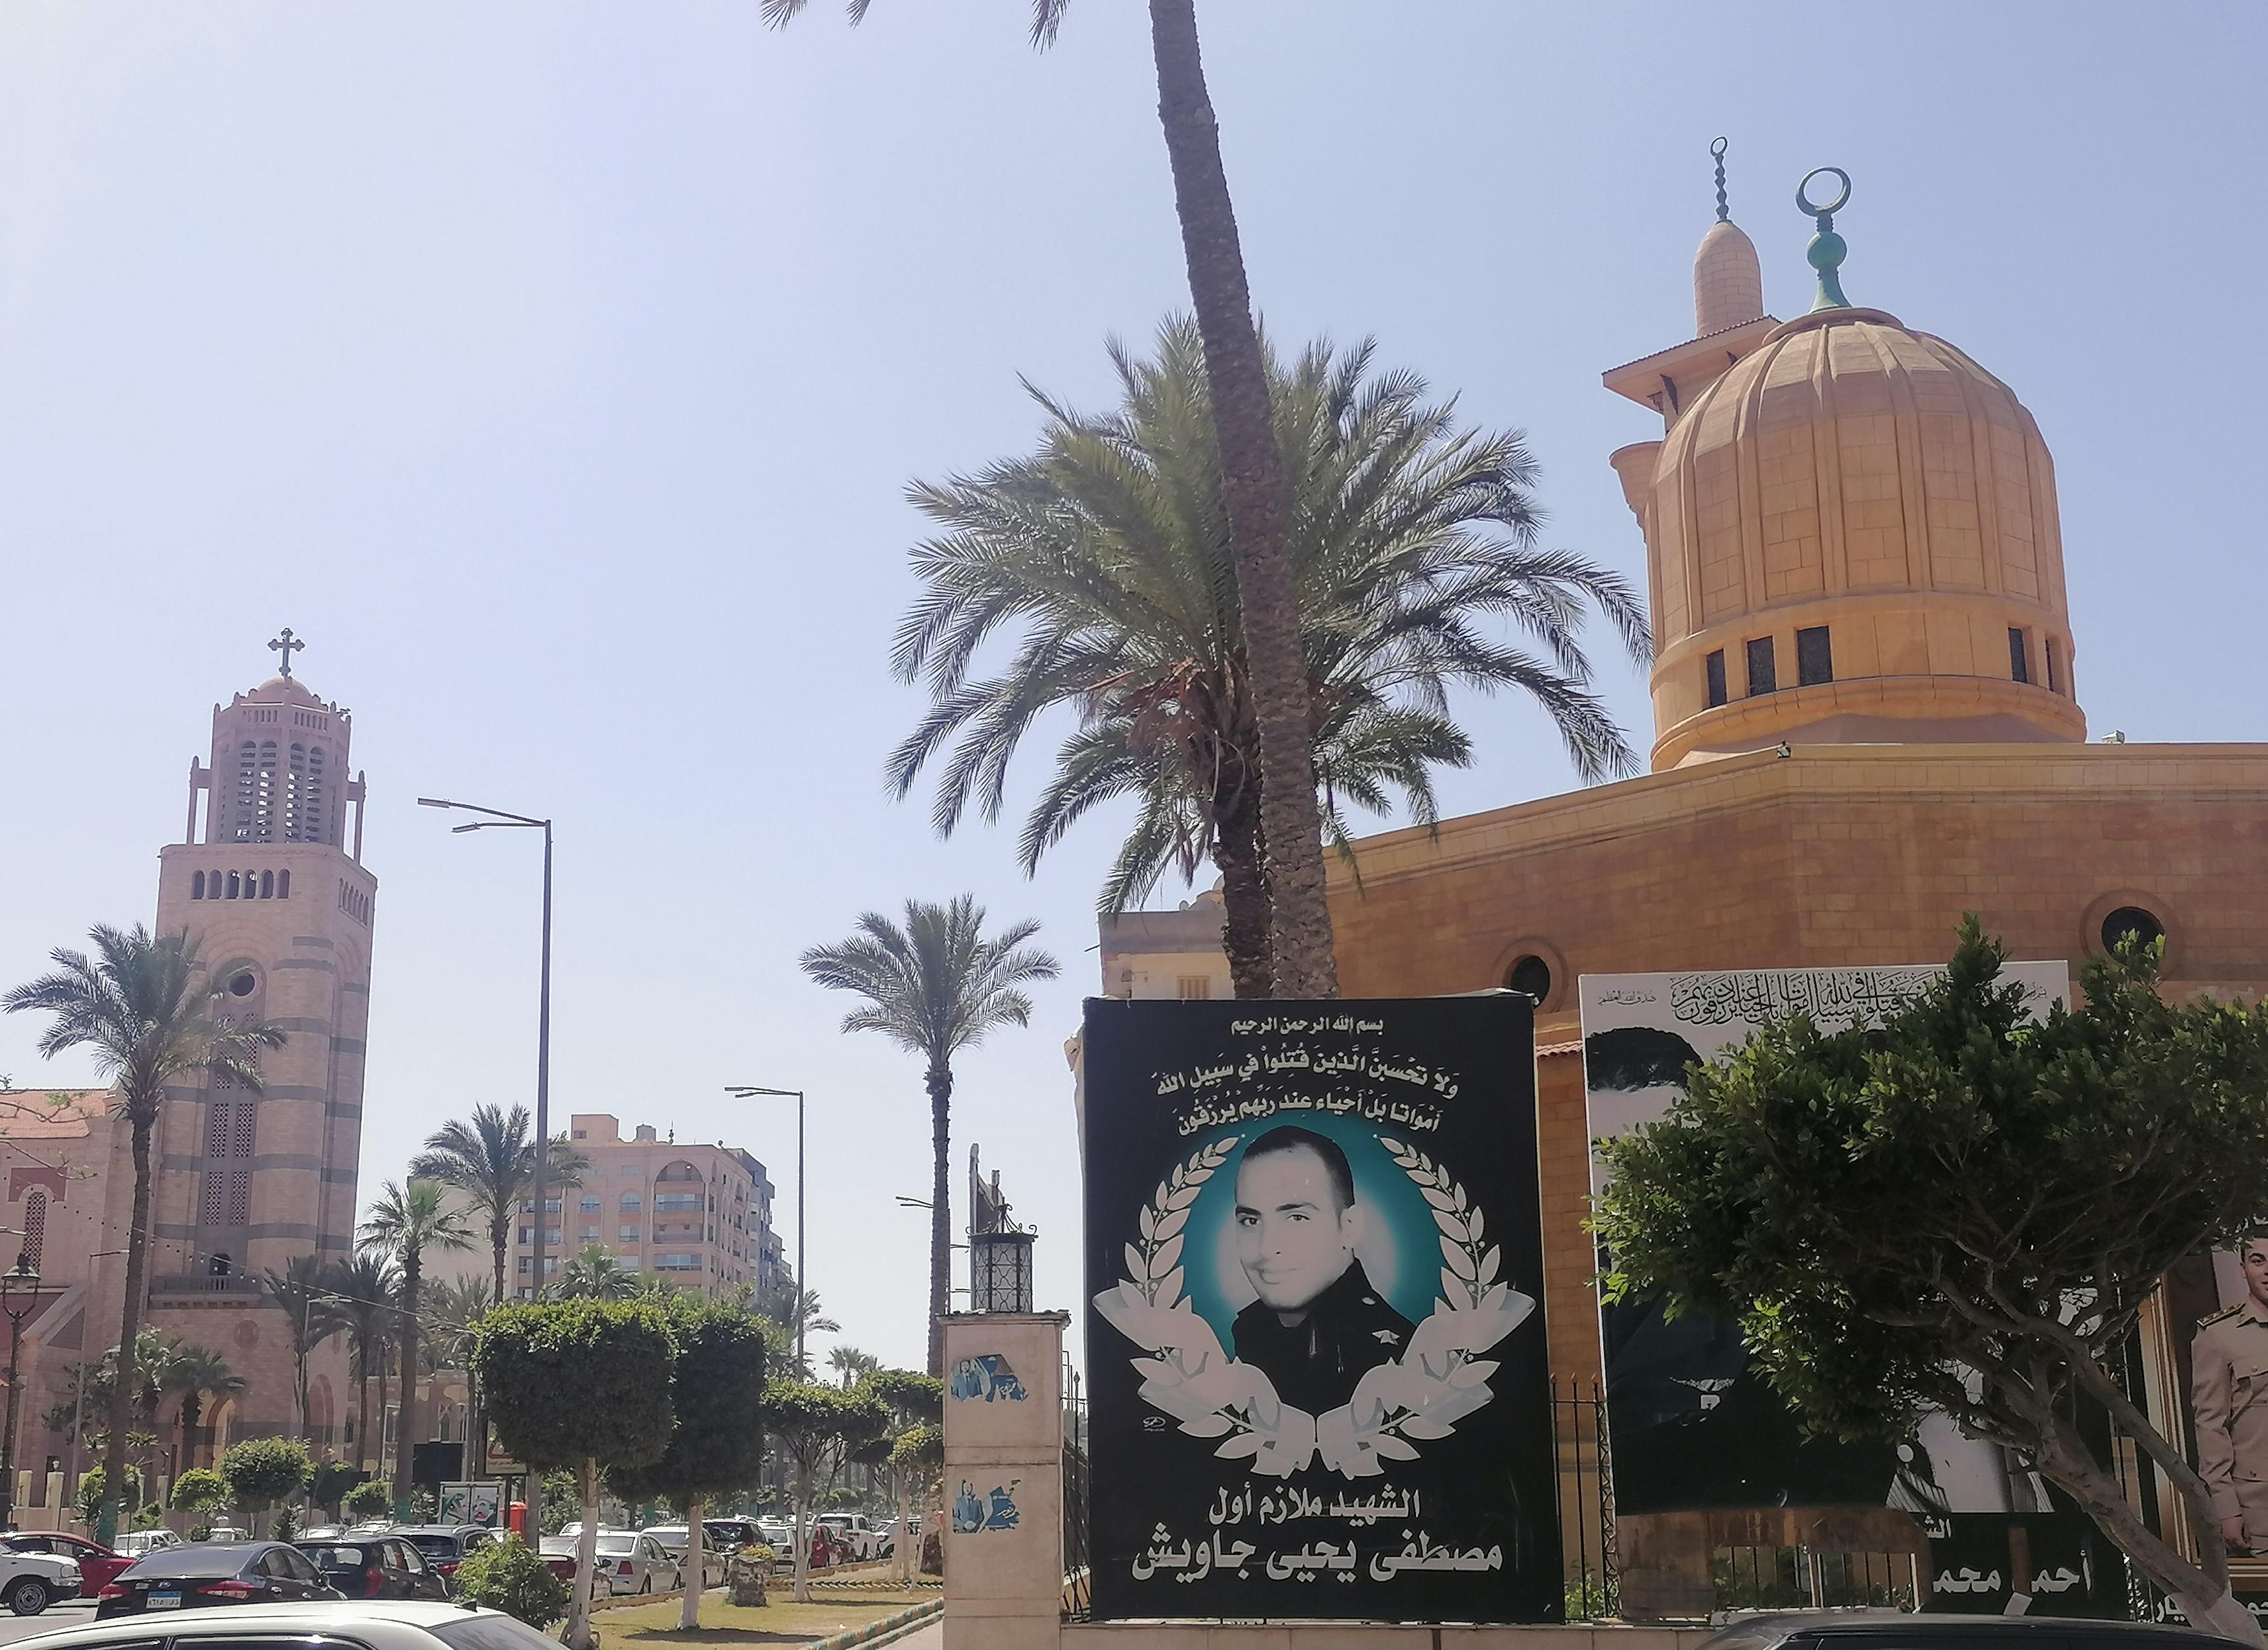 الكاتدرائية ومسجد عبدالرحمن لطفي